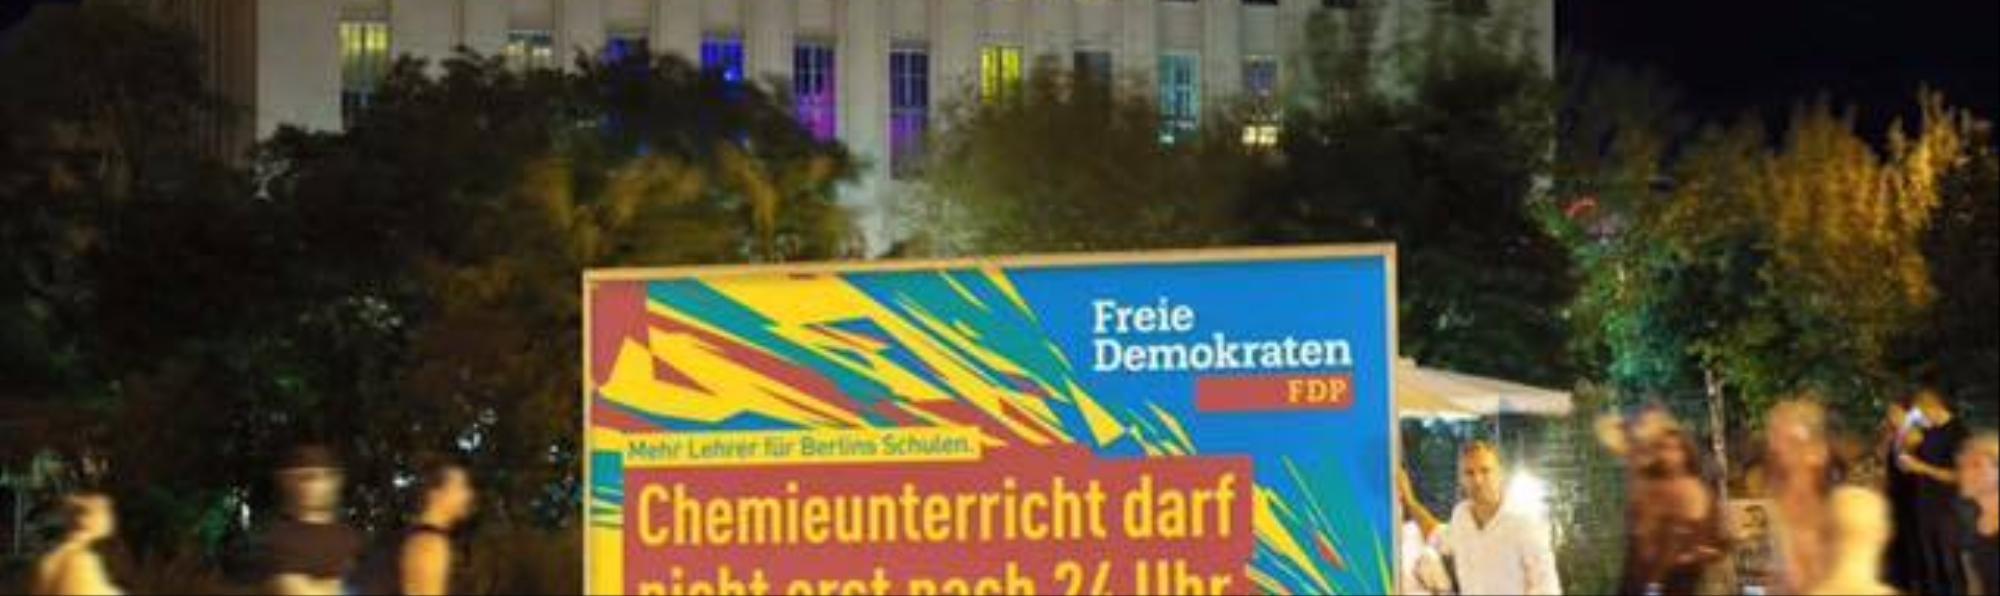 Bildung, Bass, Drogen: FDP wirbt mit Spezial-Plakat vorm Berghain